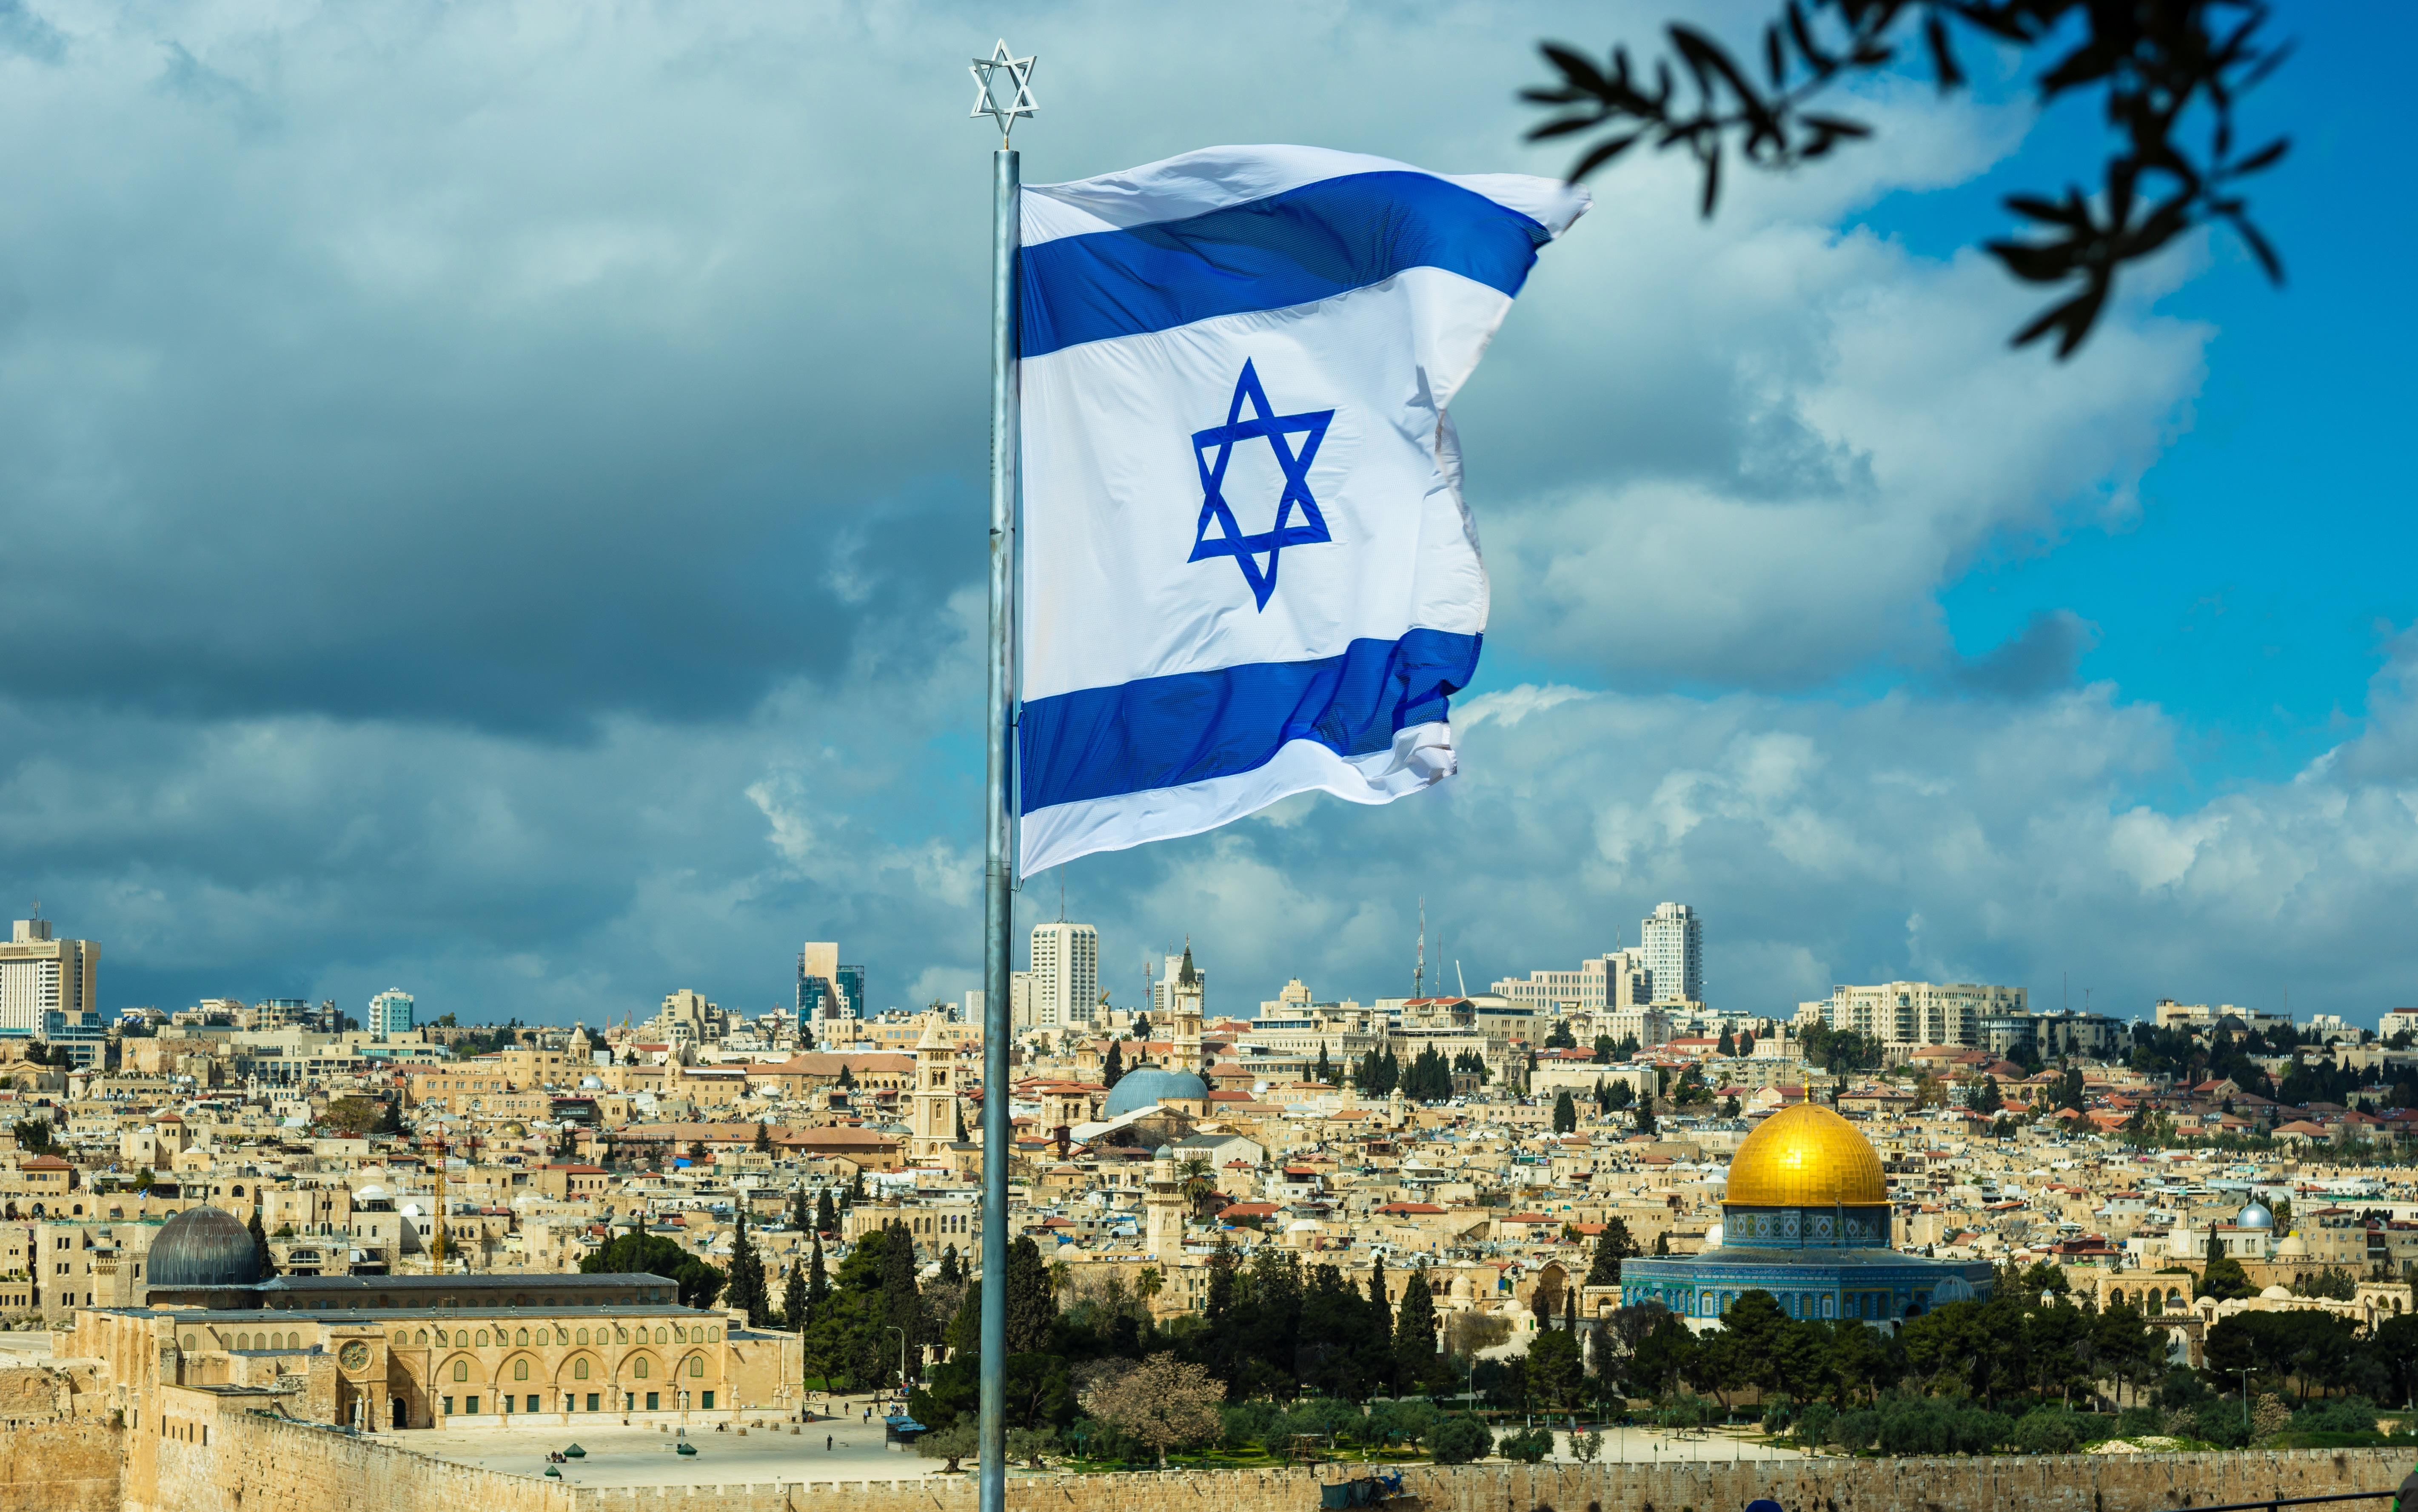 жахнул картинки с израильским флагом катере